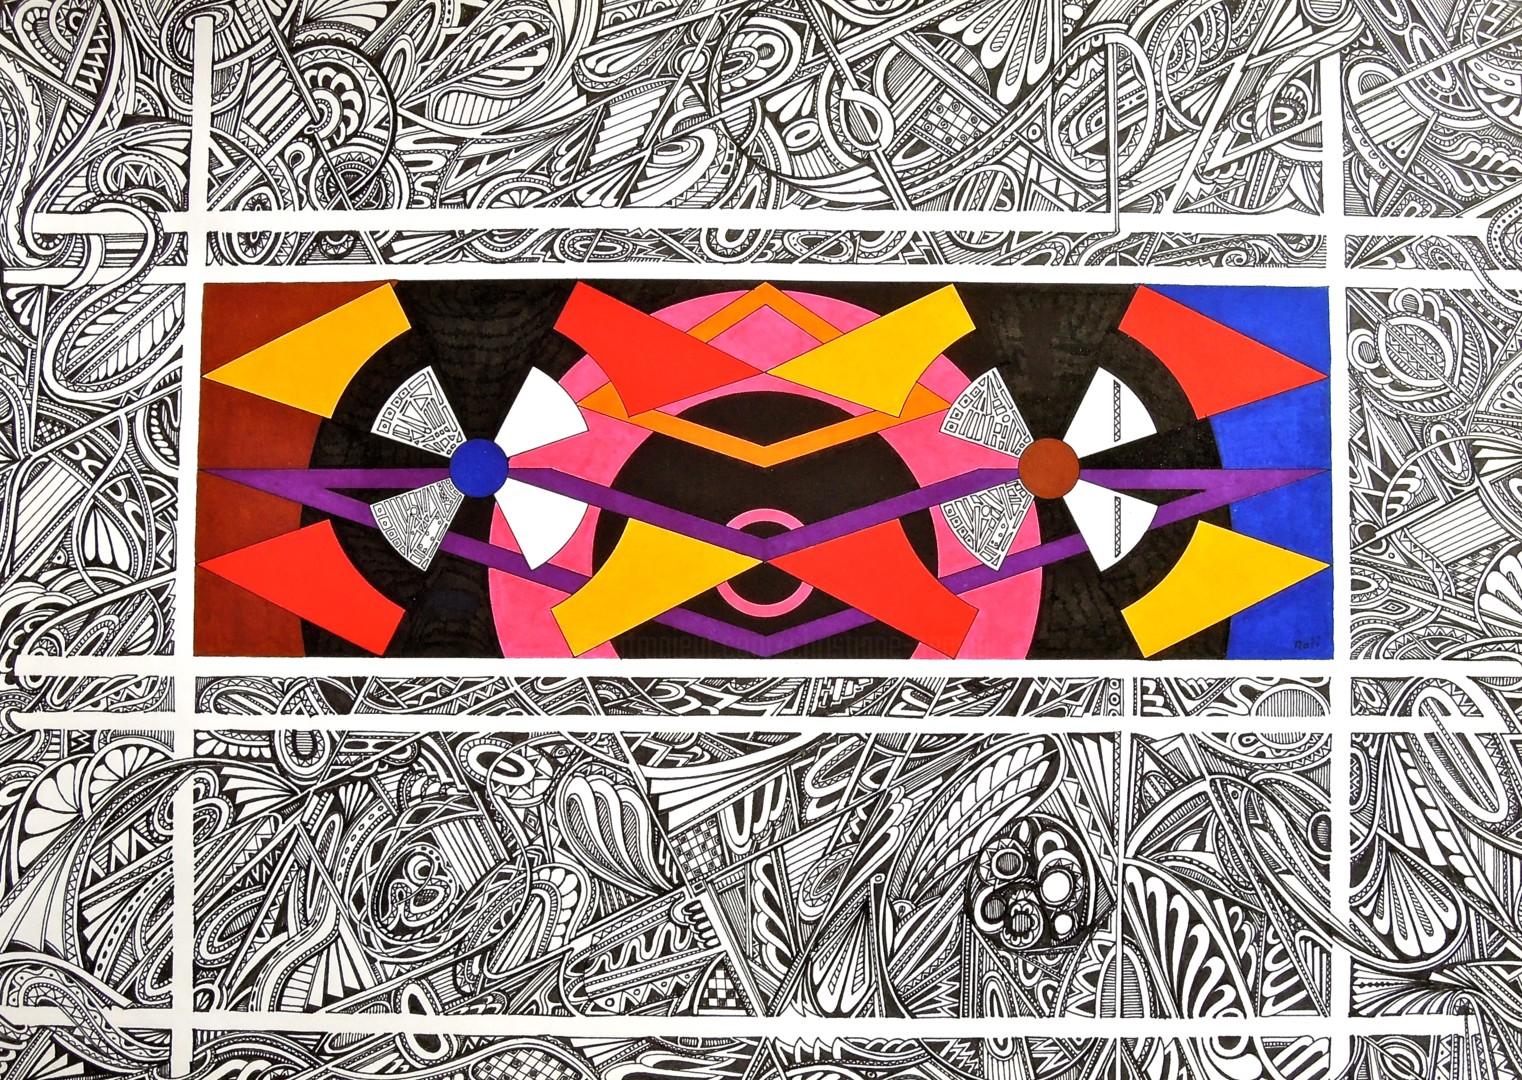 Christiane Seguin - Vent de couleurs